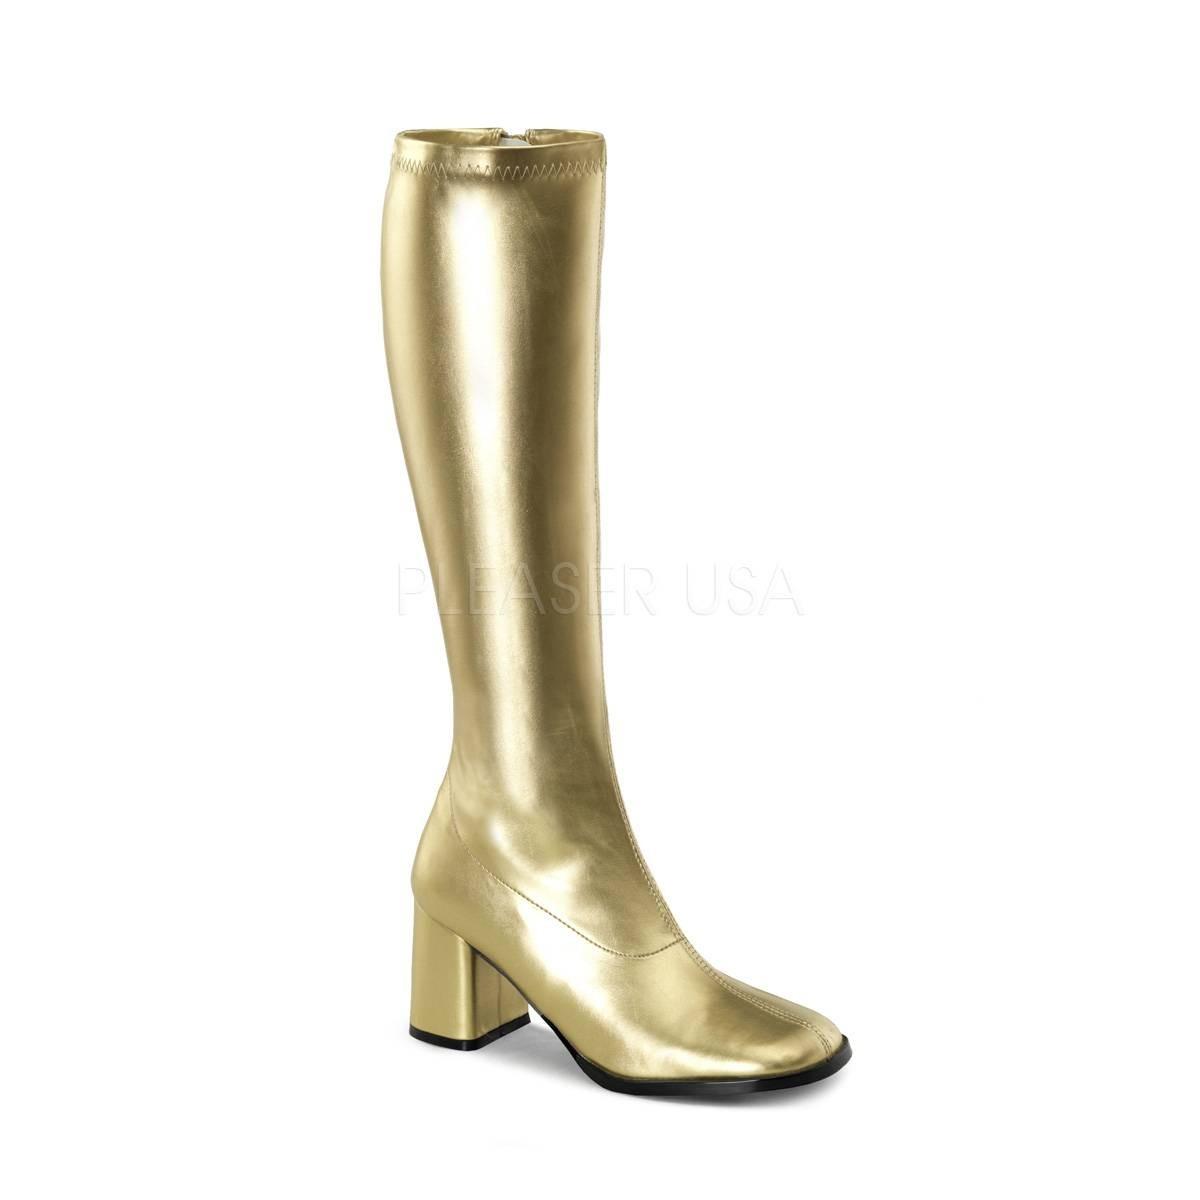 Stiefel - GOGO 300 ° Damen Stiefel ° Gold Matt ° Funtasma  - Onlineshop RedSixty